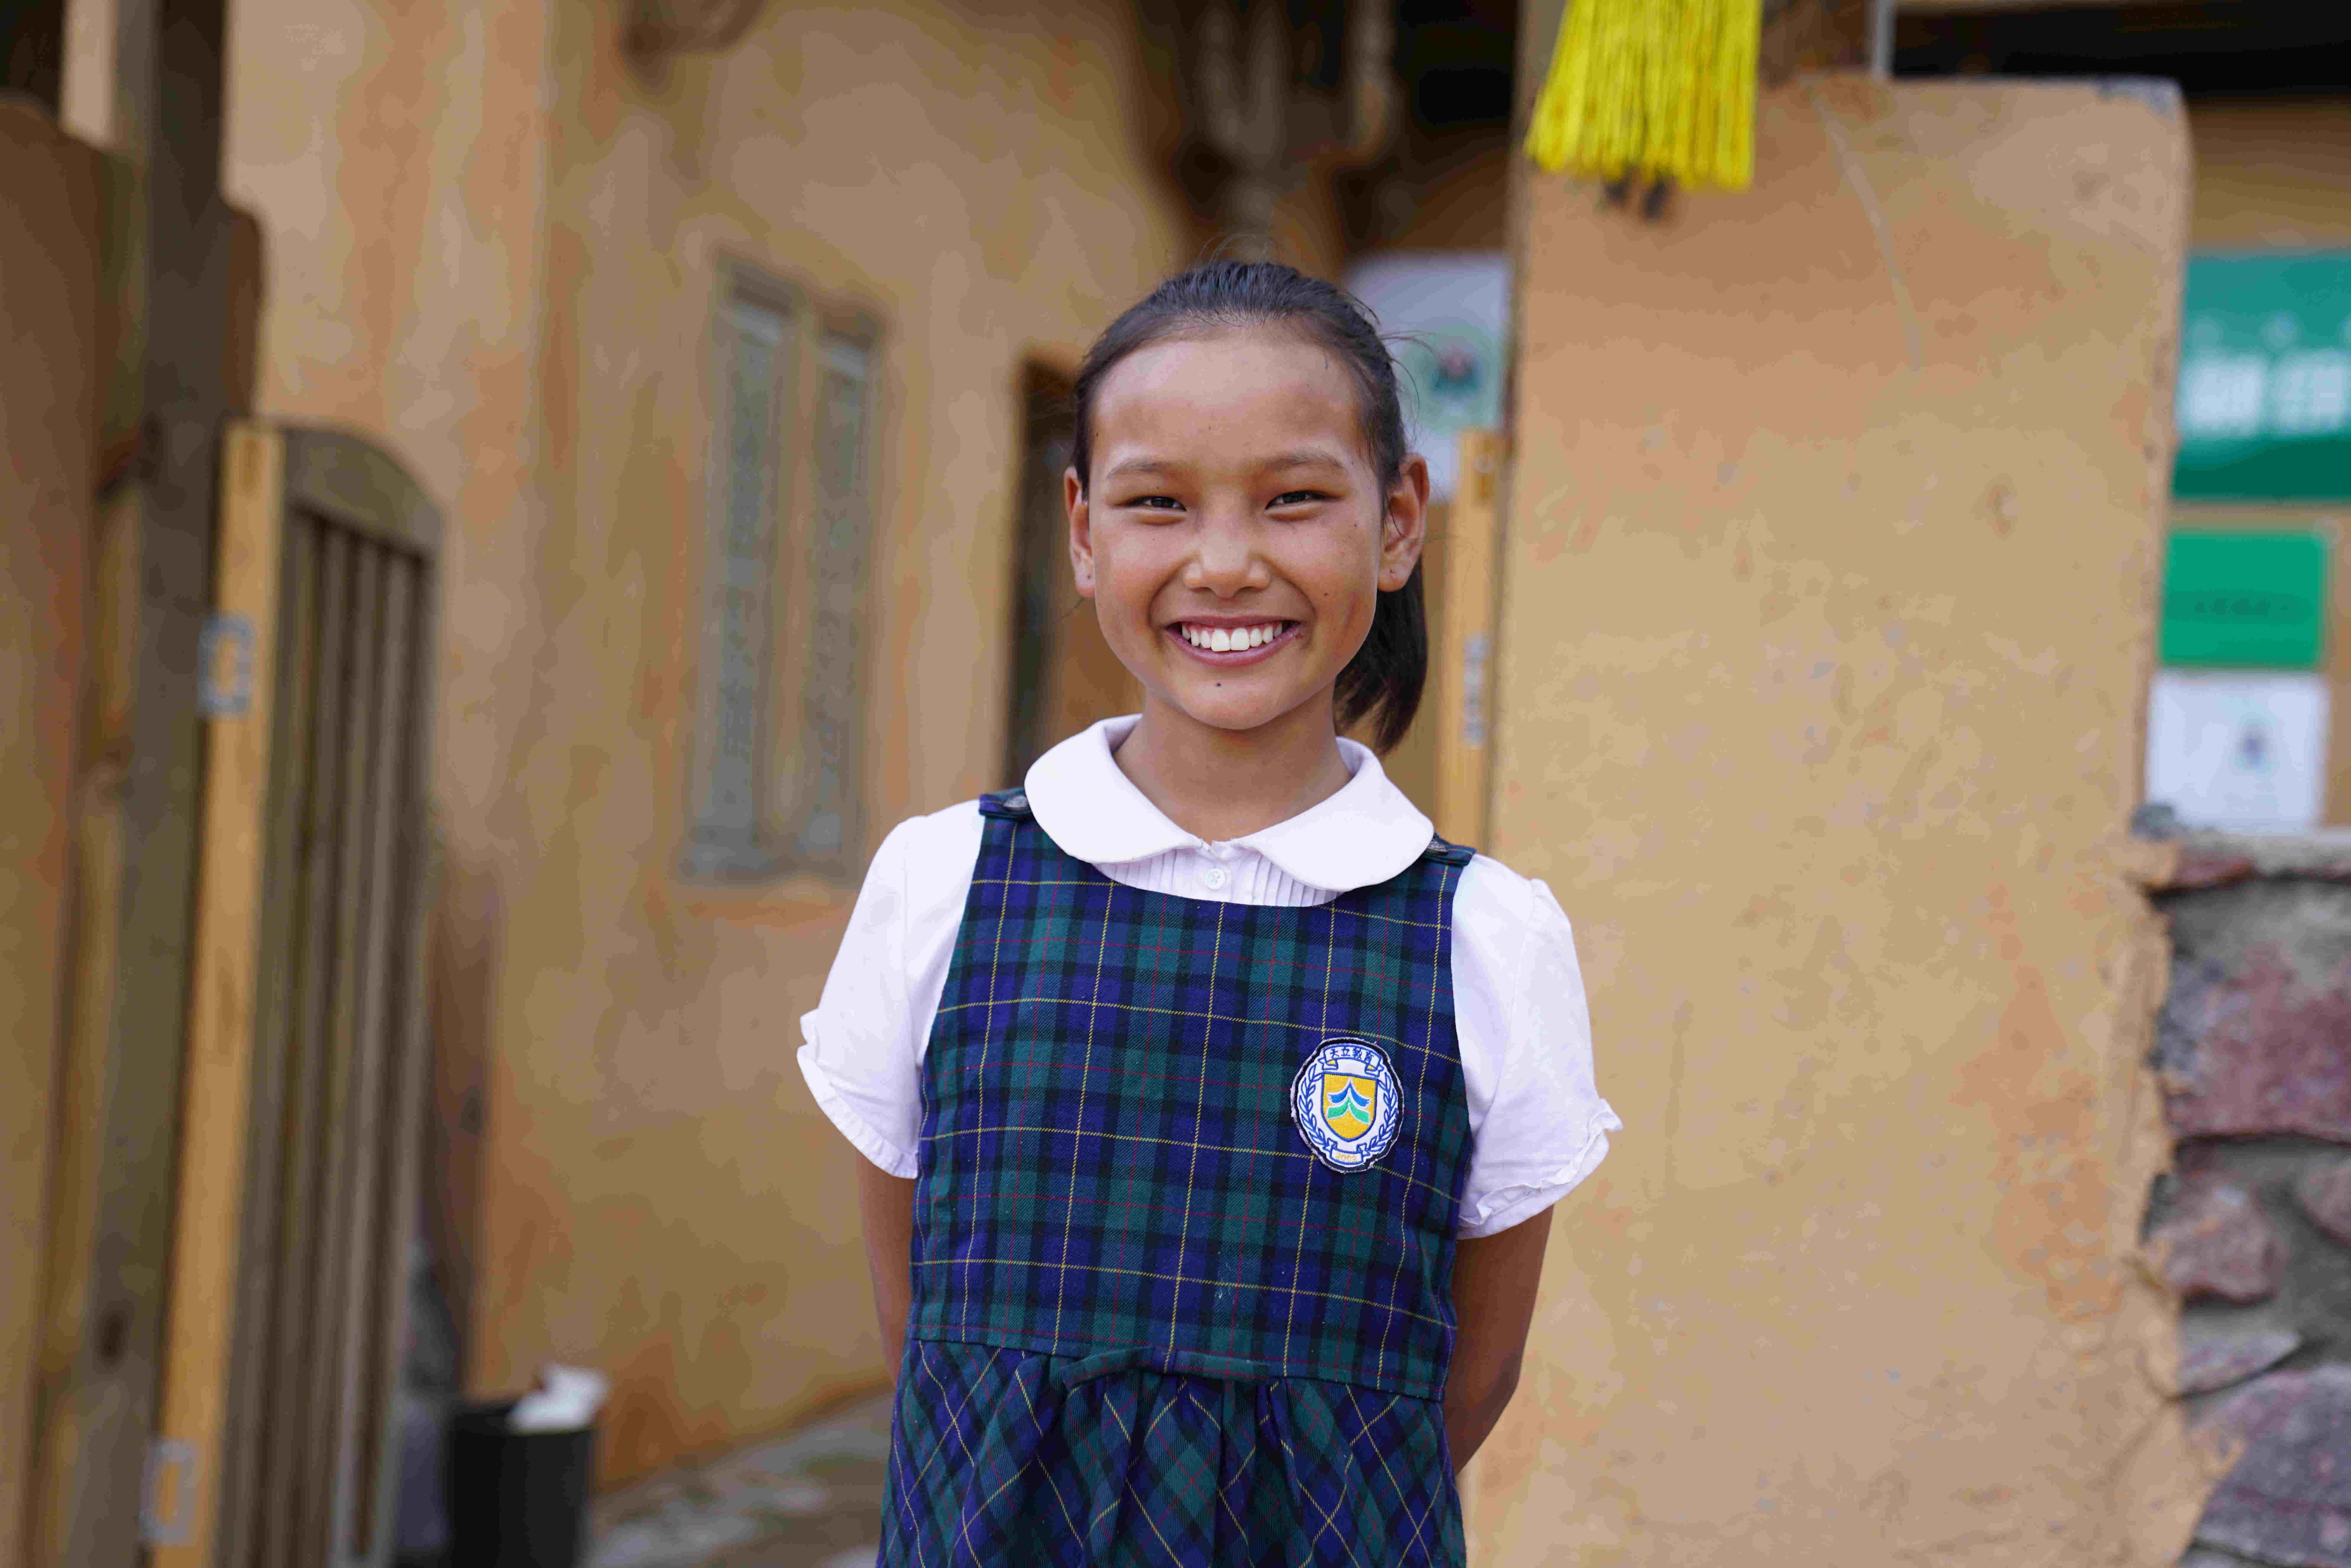 【你笑起來真好看】三河村的笑臉:這個七口之家把日子越過越紅火